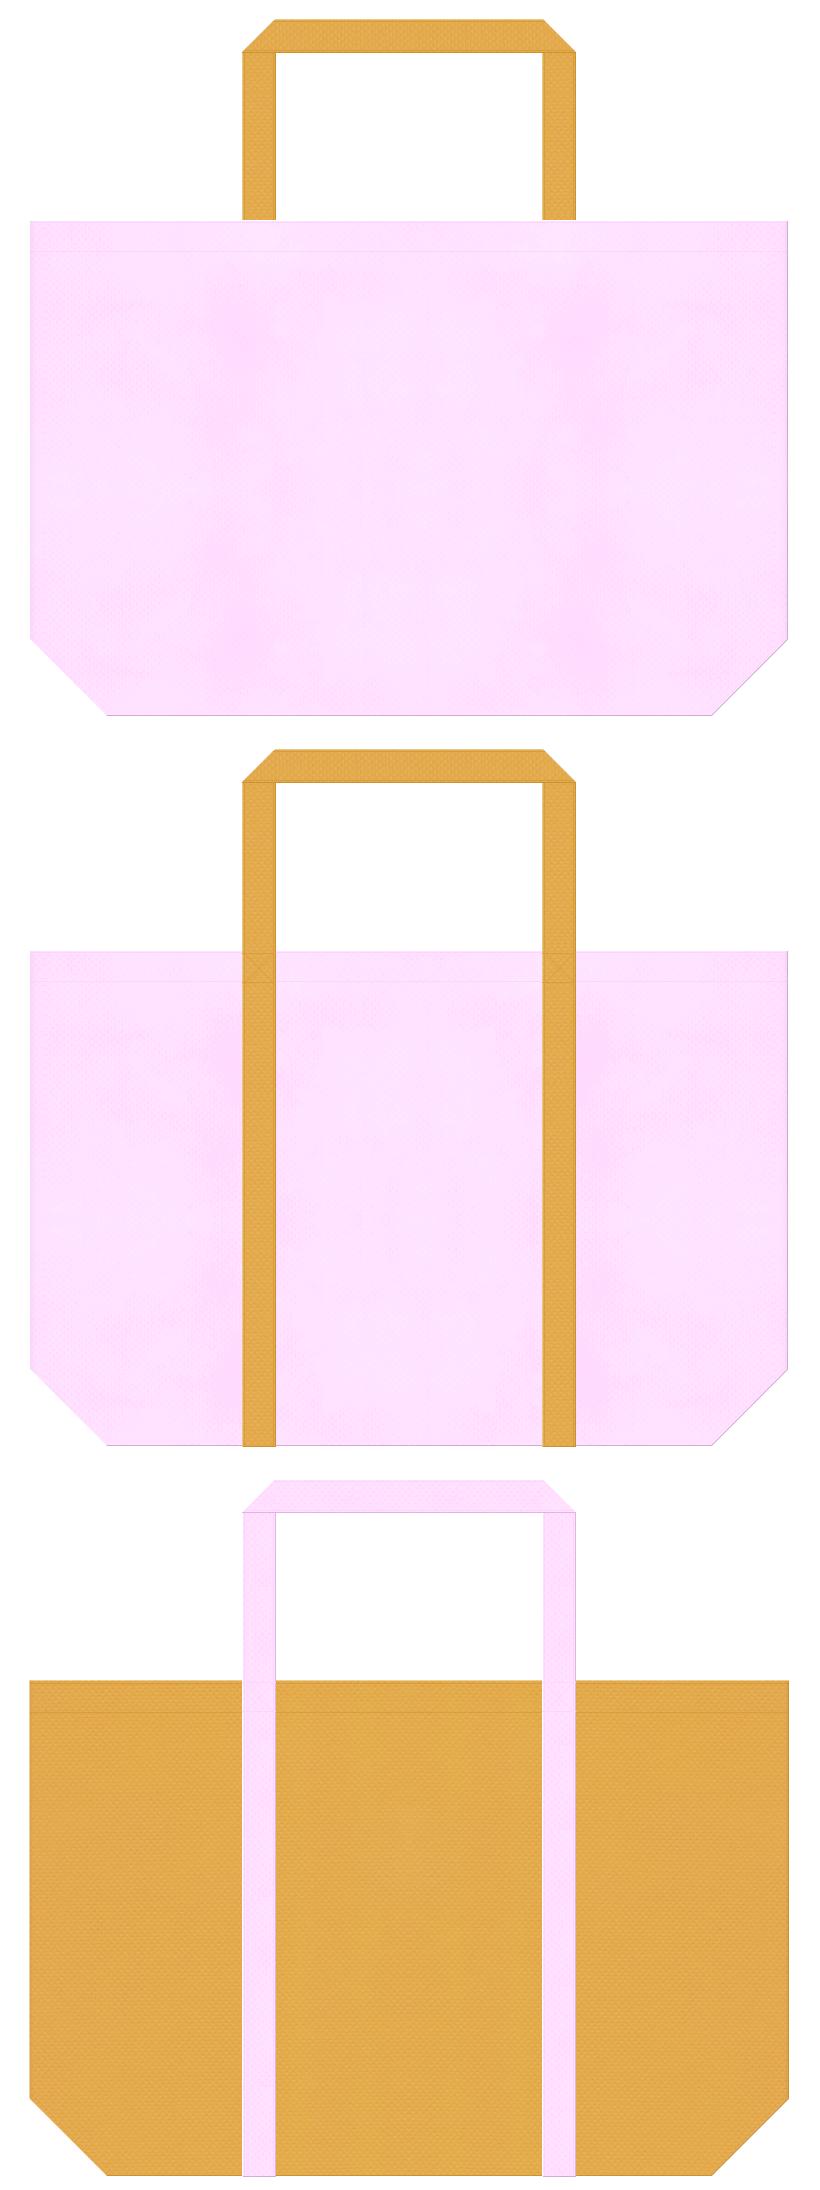 ペットショップ・ペットサロン・ペット用品・ペットフード・アニマルケア・絵本・おとぎ話・キャンディー・ワンダーランド・テーマパーク・プリンセス・ガーリーデザインのショッピングバッグにお奨めの不織布バッグデザイン:パステルピンク色と黄土色のコーデ